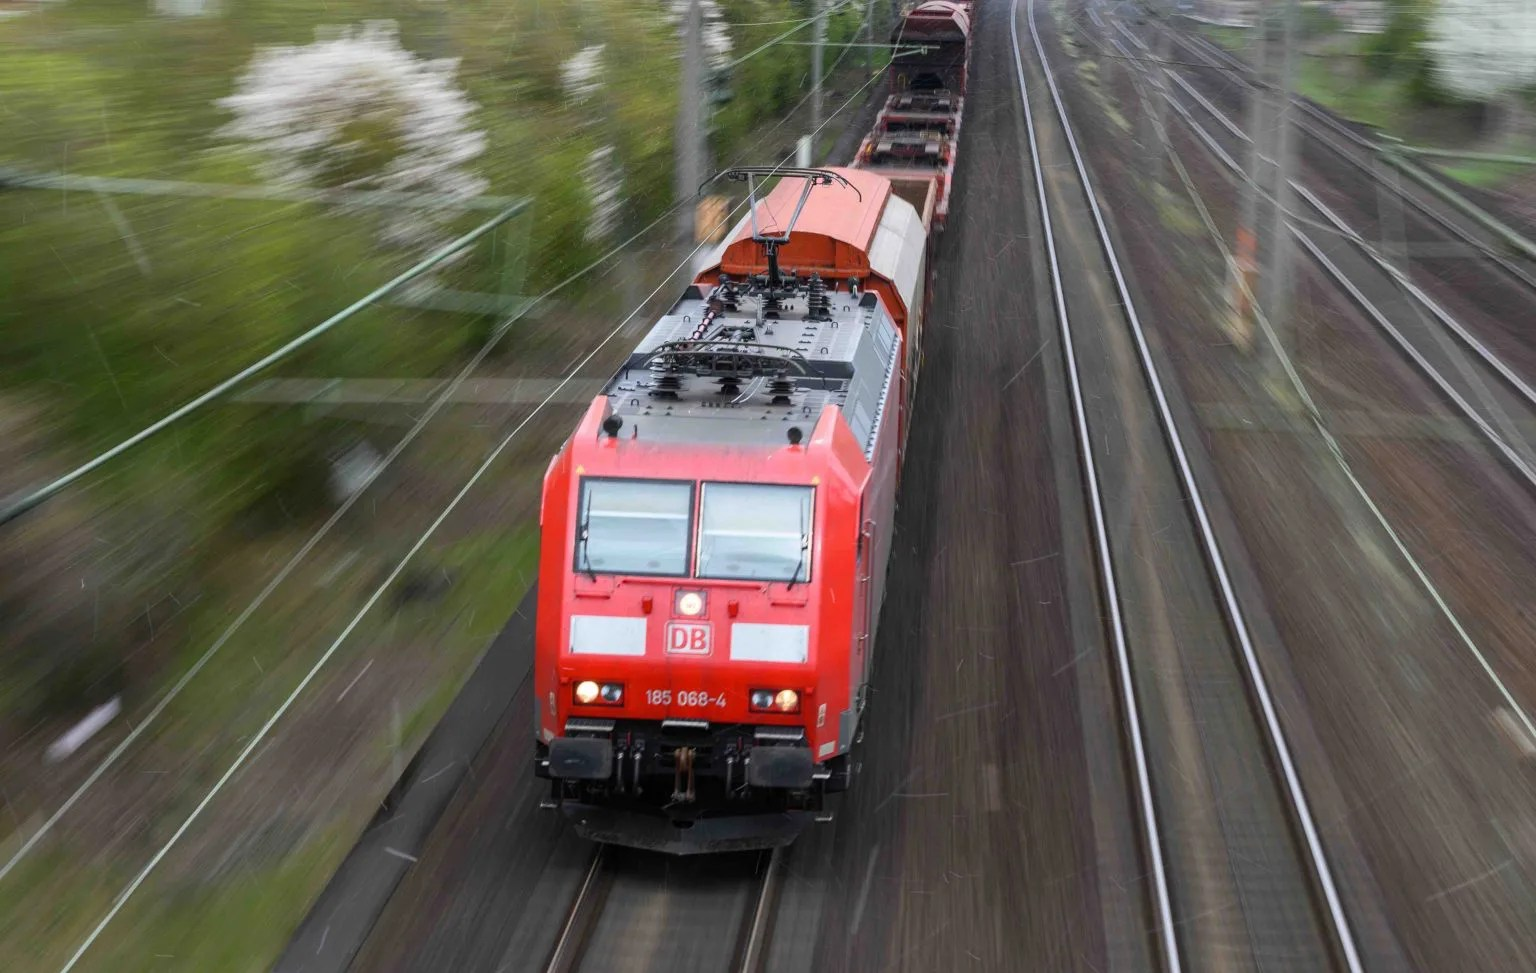 Mann von Asylbewerbern ins Gleisbett gezogen und von Zug schwer verletzt